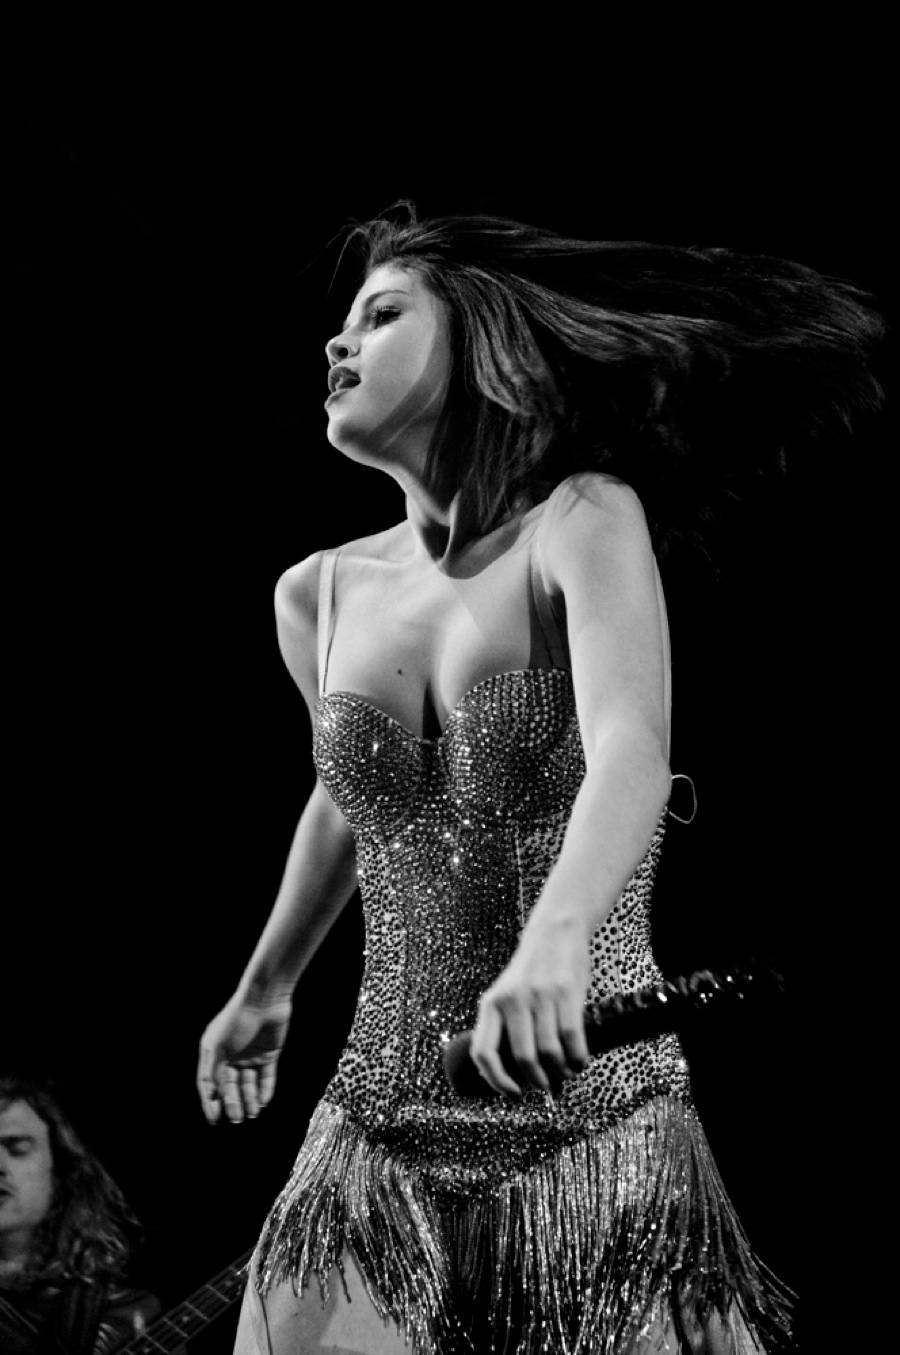 Selena Gomez Vancouver 2011